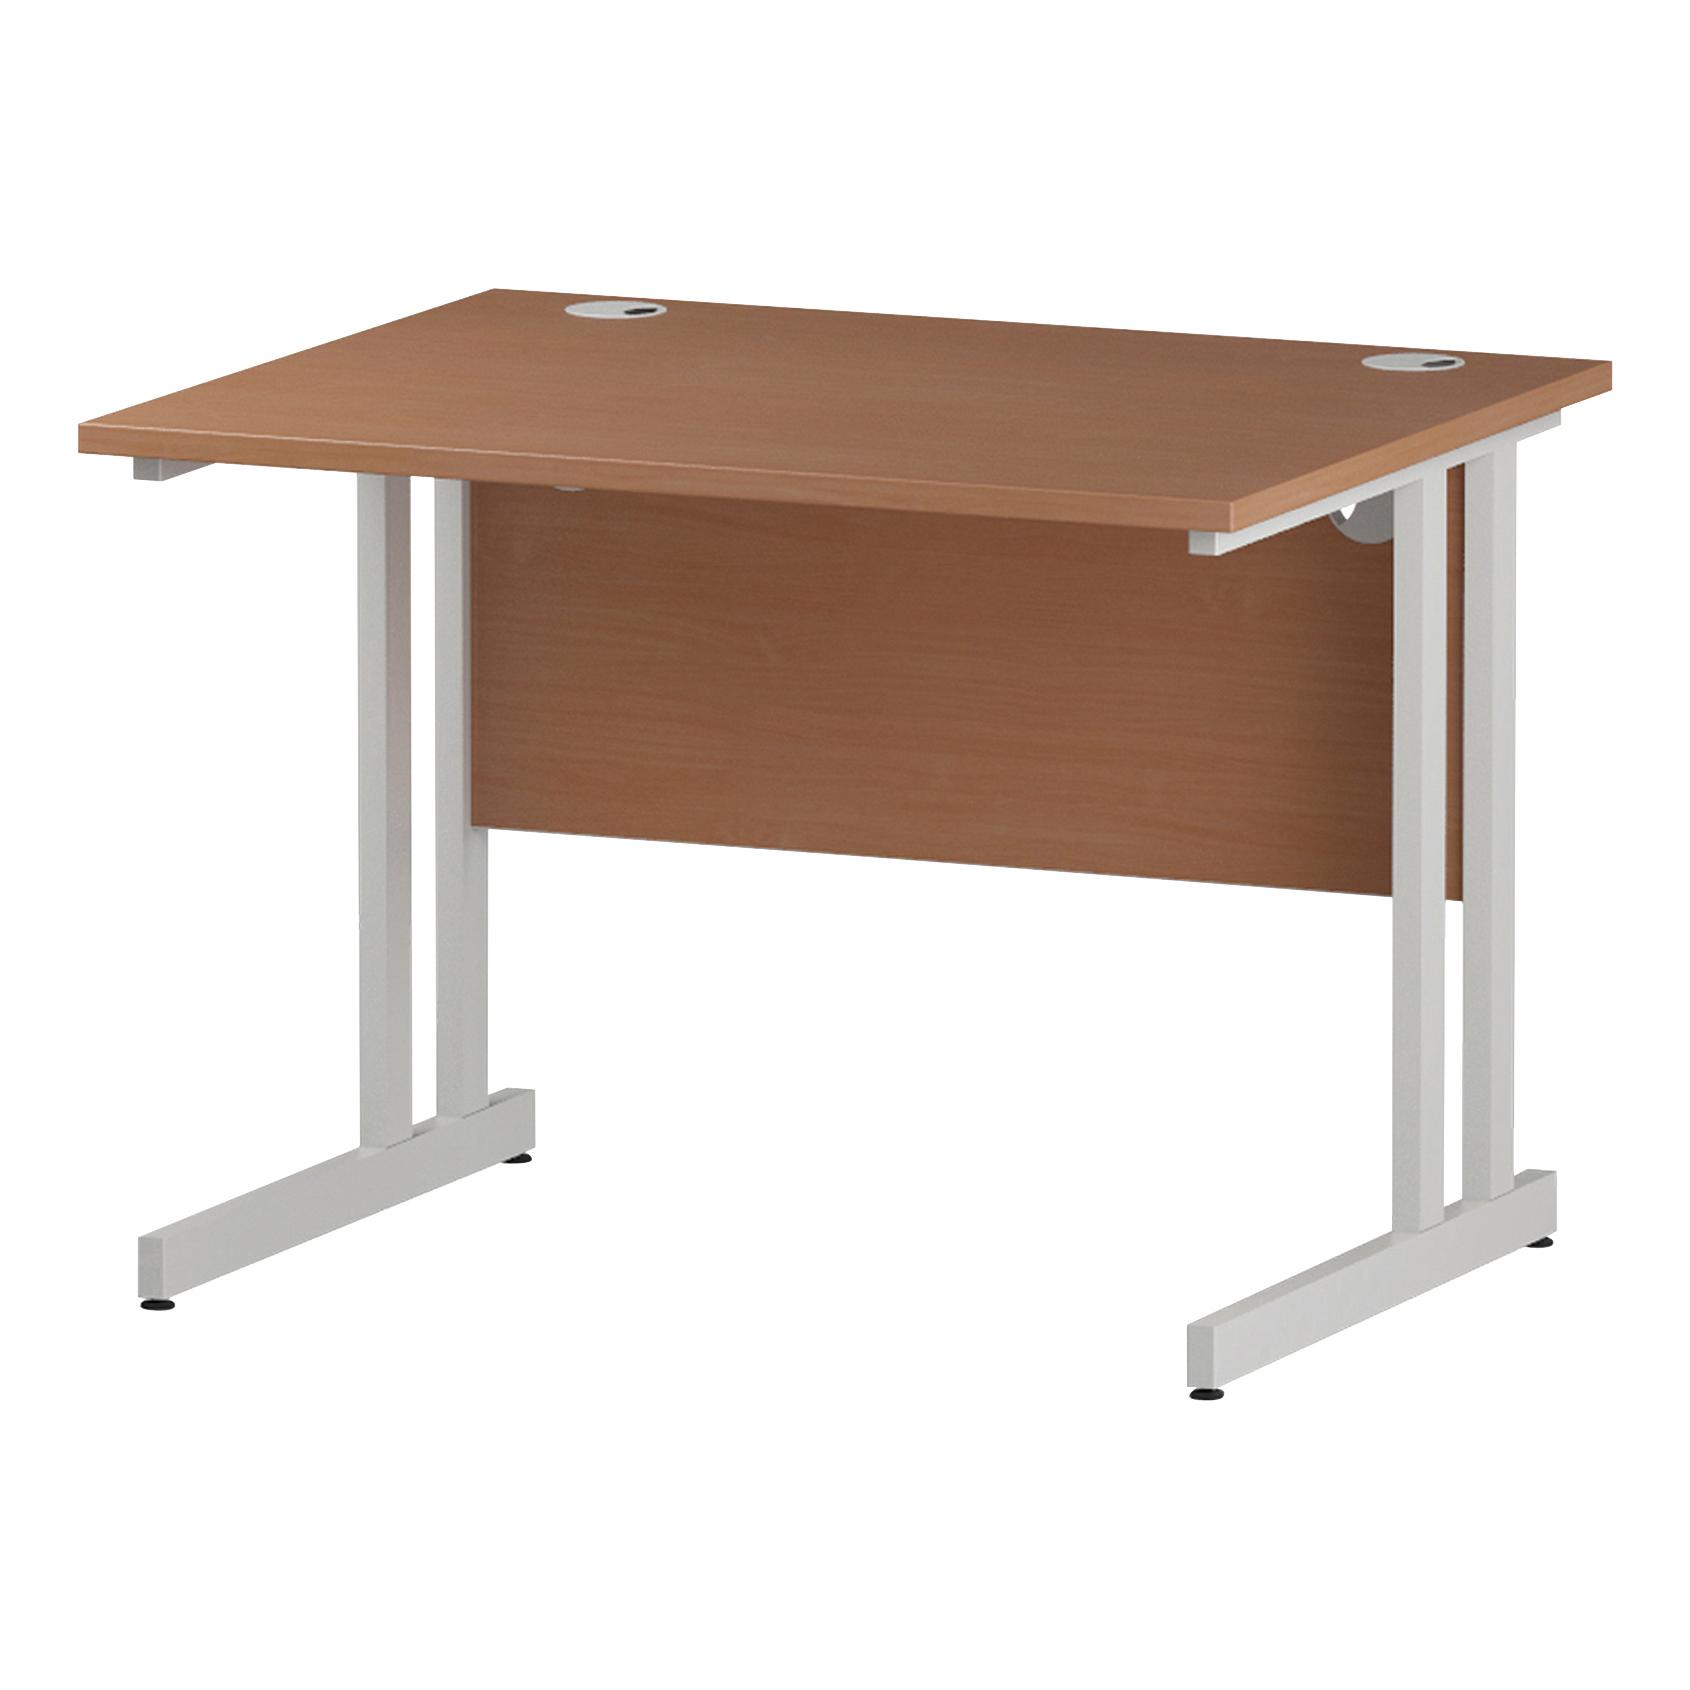 Trexus Rectangular Desk White Cantilever Leg 1000x800mm Beech Ref I001673